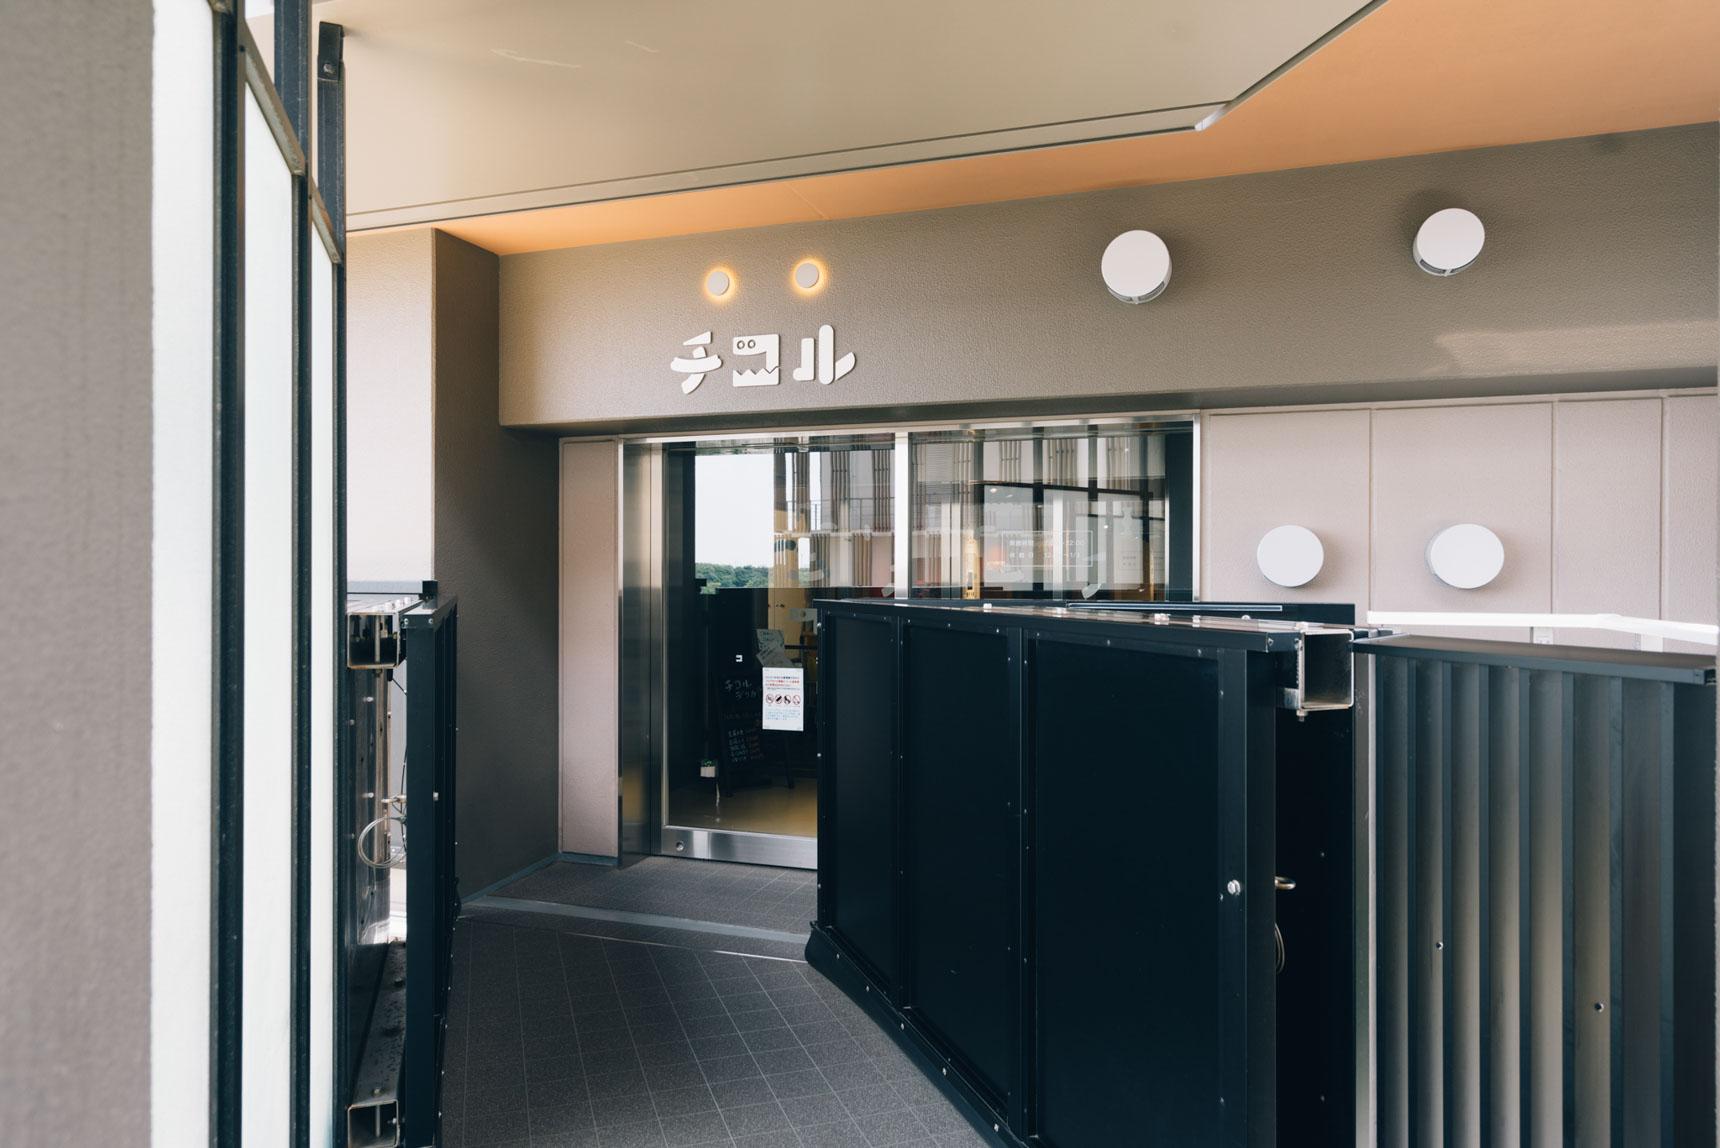 チコルは、「パークシティ 柏の葉キャンパス ザ・ゲートタワーウエスト」の3階に入居しています。マンション内のエレベーターを使ってそのままアクセスも可能。